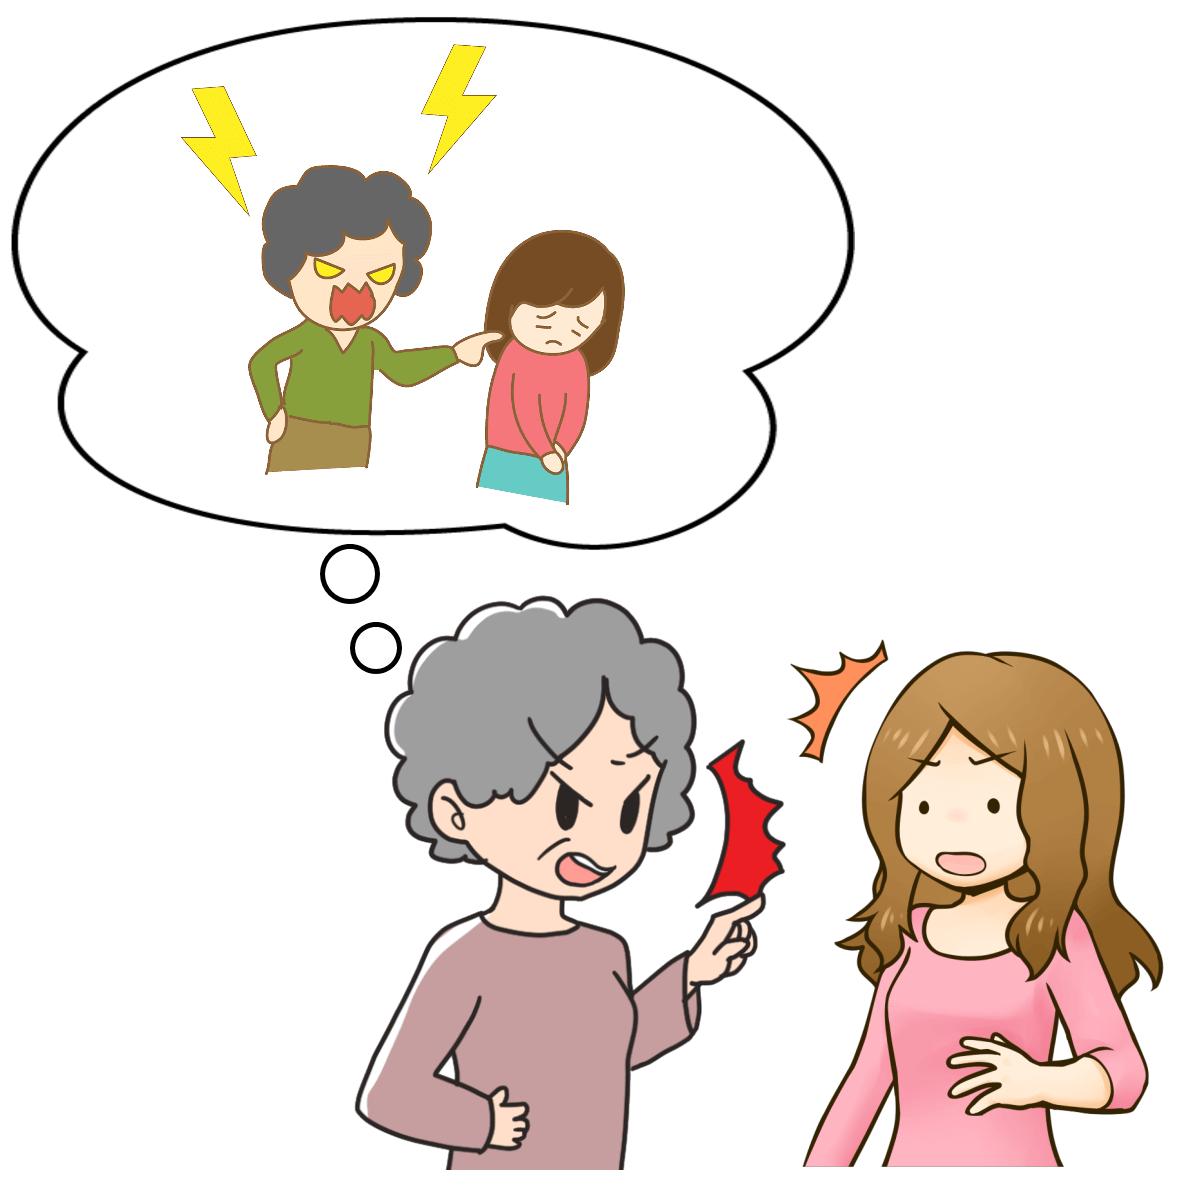 過干渉をする親に育てられた人は過干渉になる心理を表わすイラスト